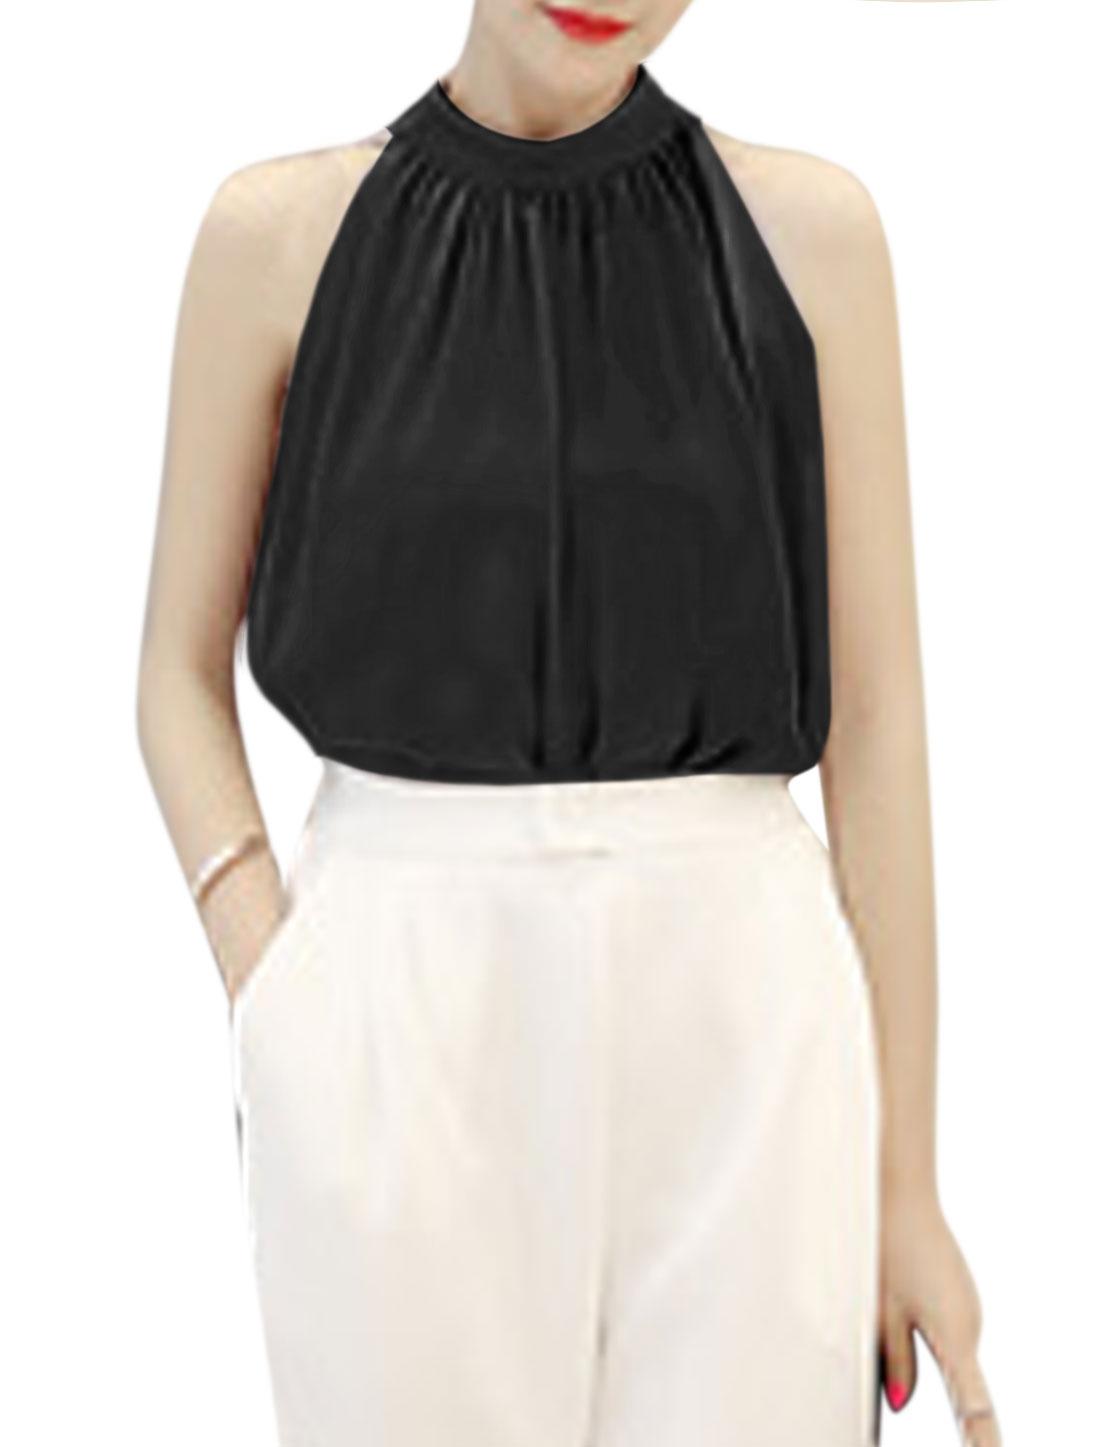 Women Stand Collar Sleeveless Chiffon Blouse Black XS